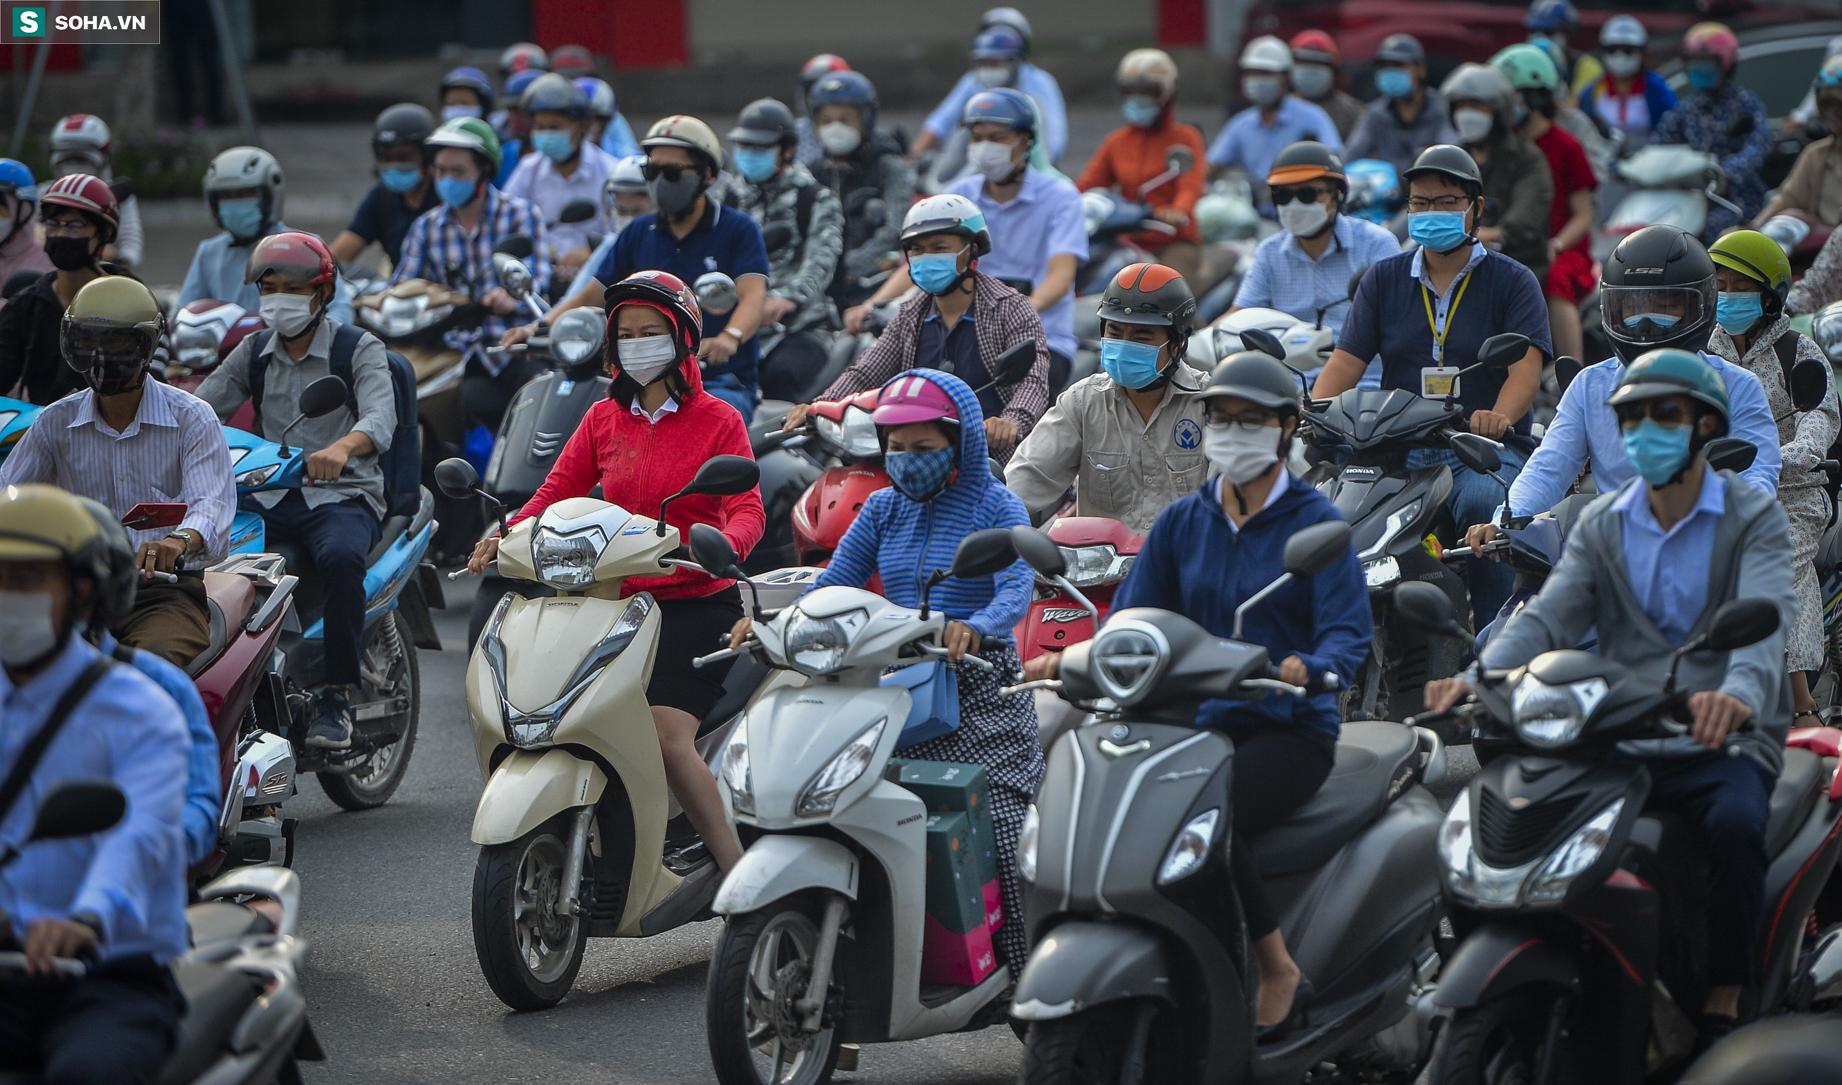 Ngày cuối giãn cách xã hội đợt 4, nhiều tuyến phố Hà Nội xe cộ tấp nập - Ảnh 5.